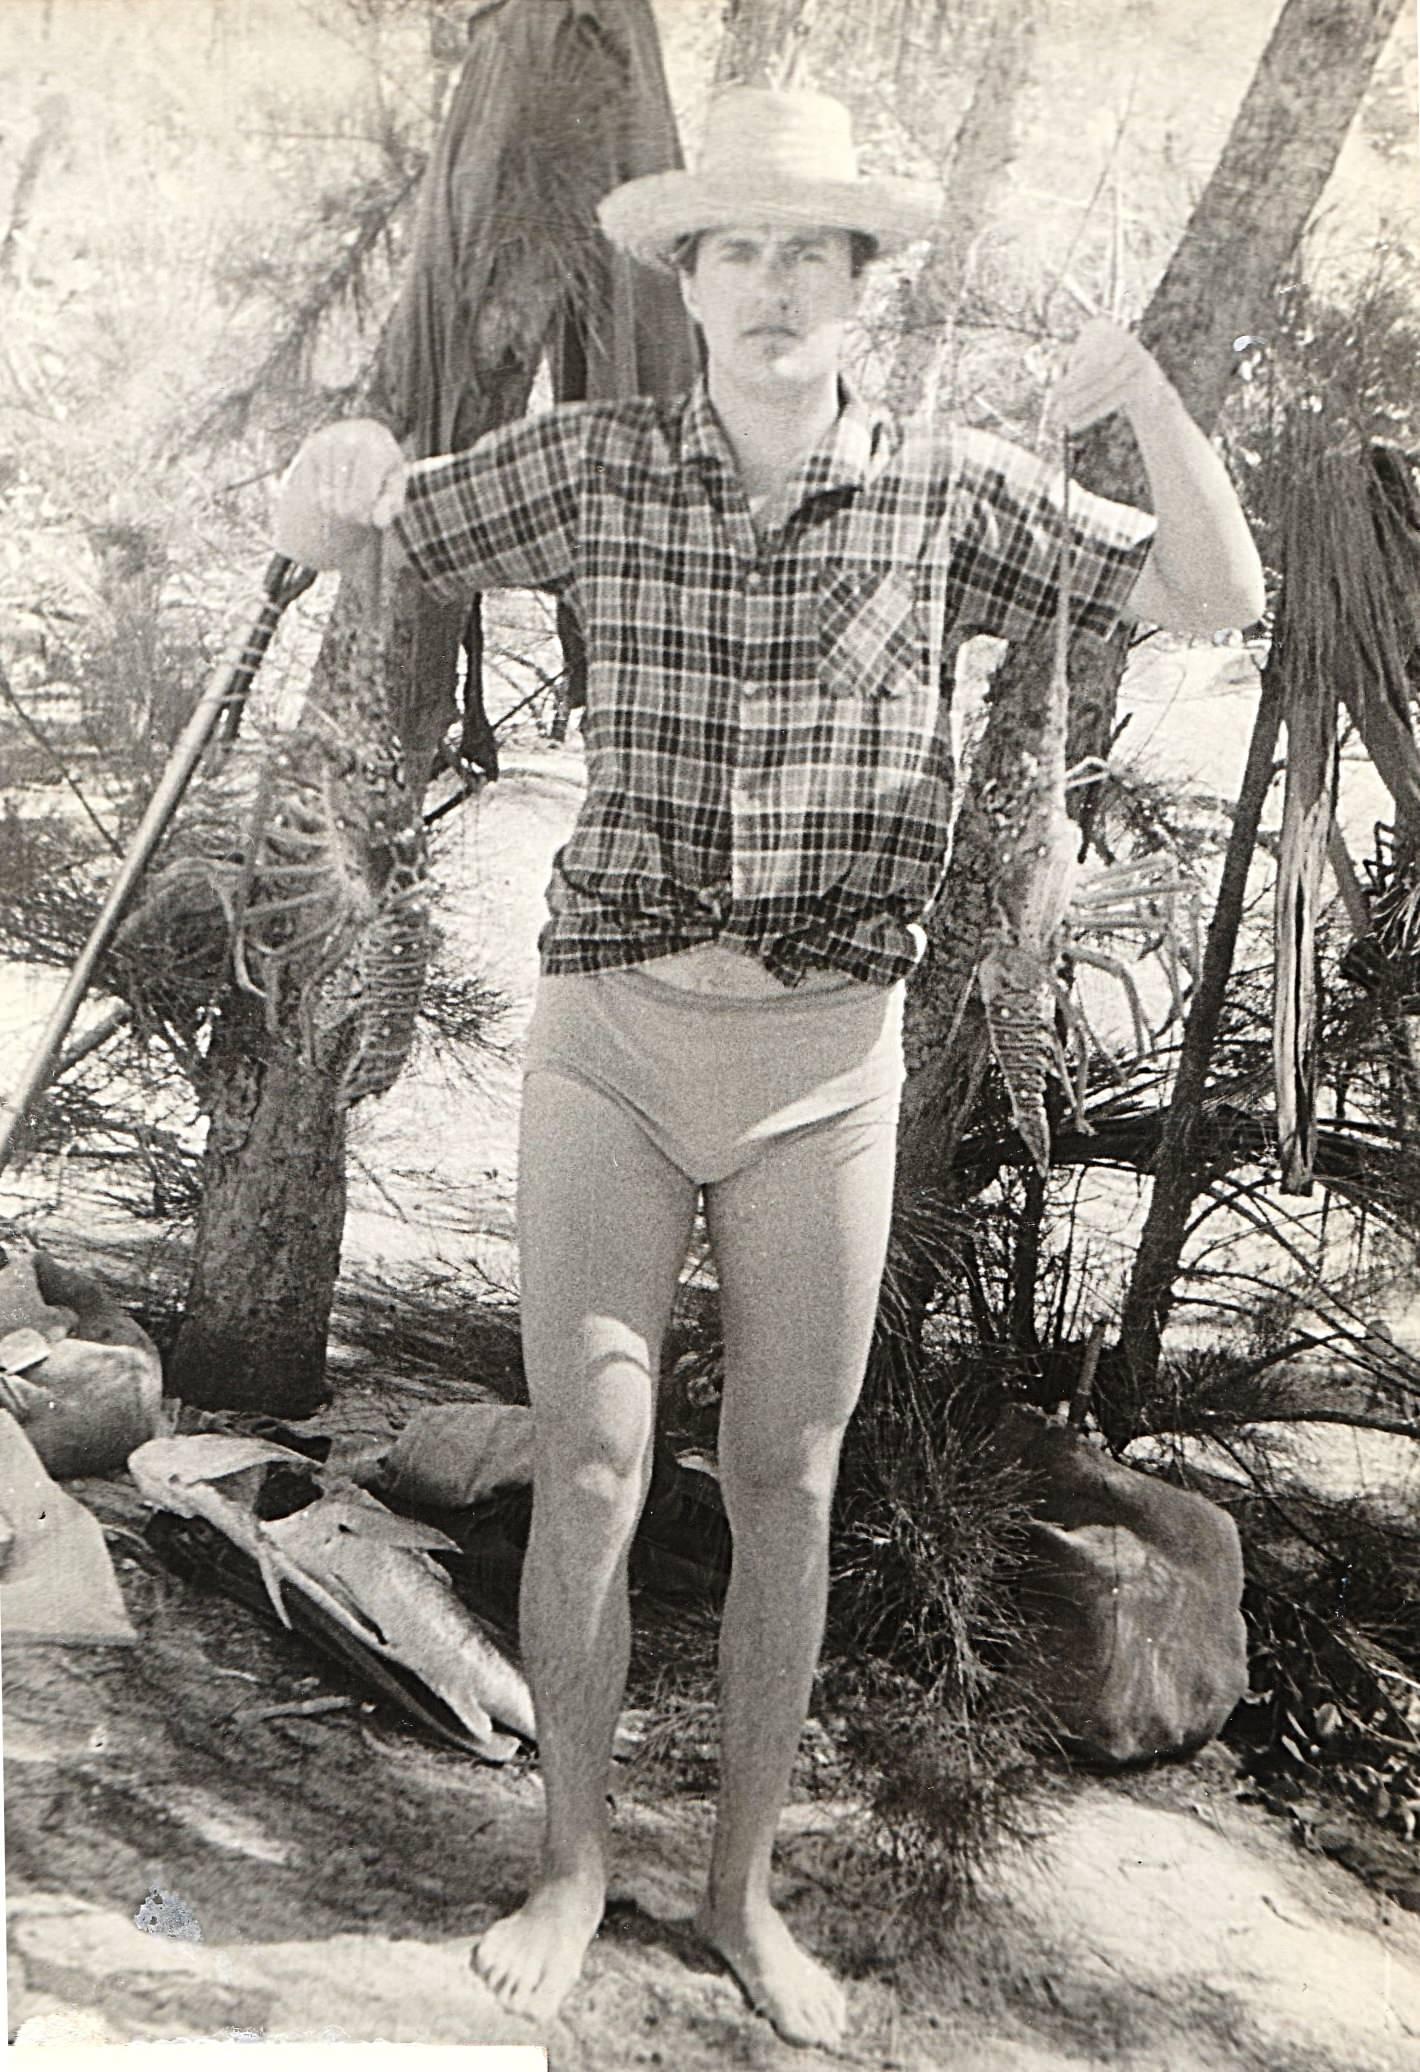 1978-1980. Фото 13. «Если присмотреться, можно увидеть у меня в руках двух лангустов».